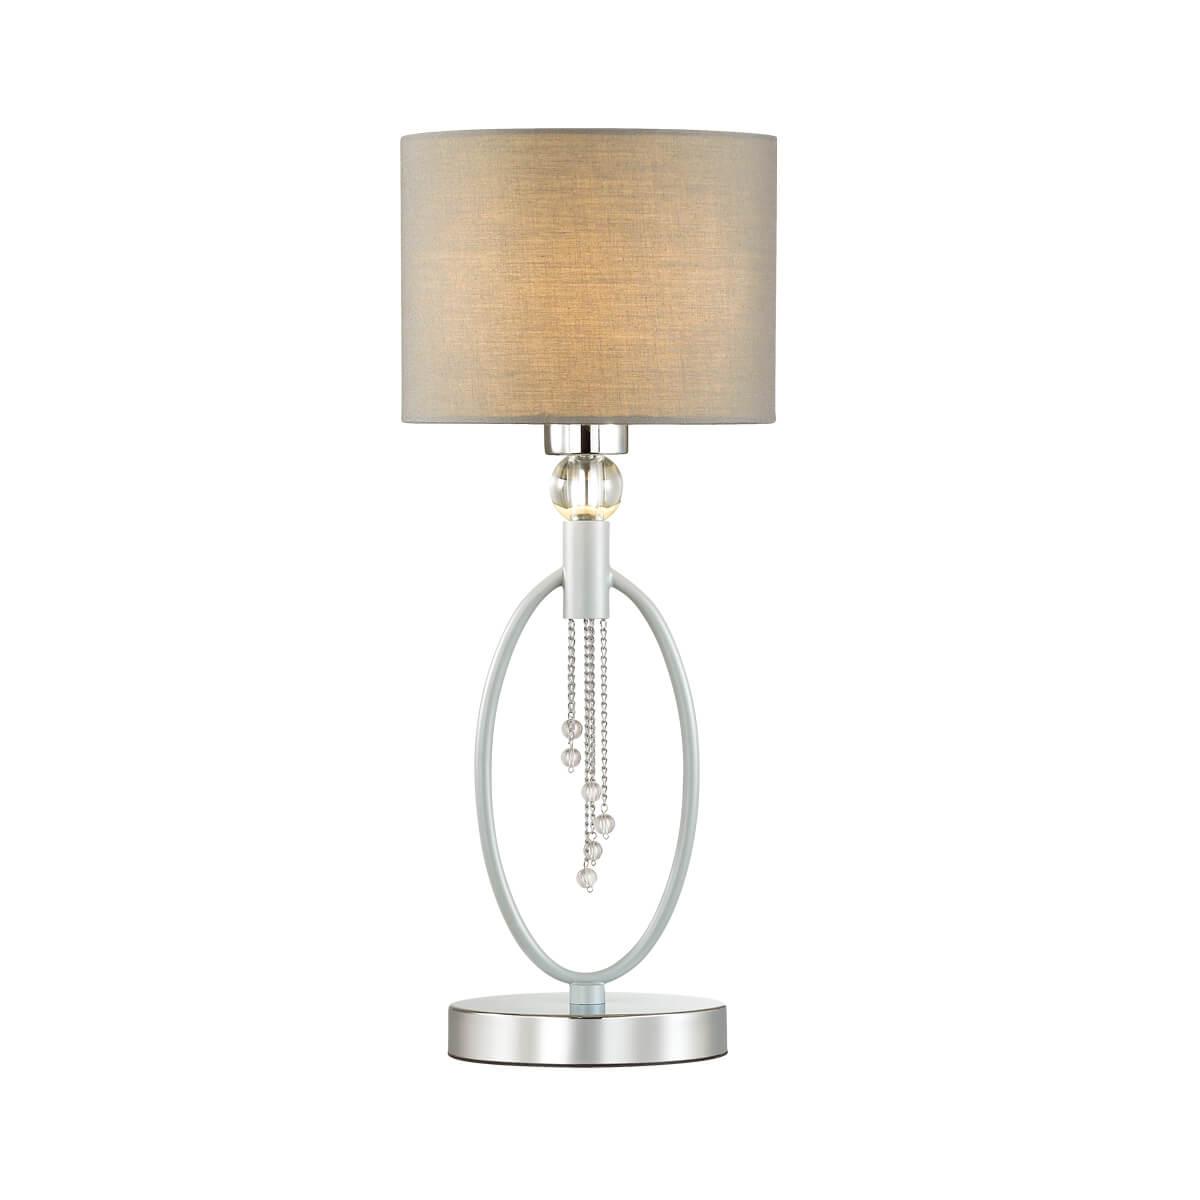 Настольная лампа Lumion 4515/1T Neoclassi настольная лампа lumion ejen 3688 1t серая e27 40w 220v